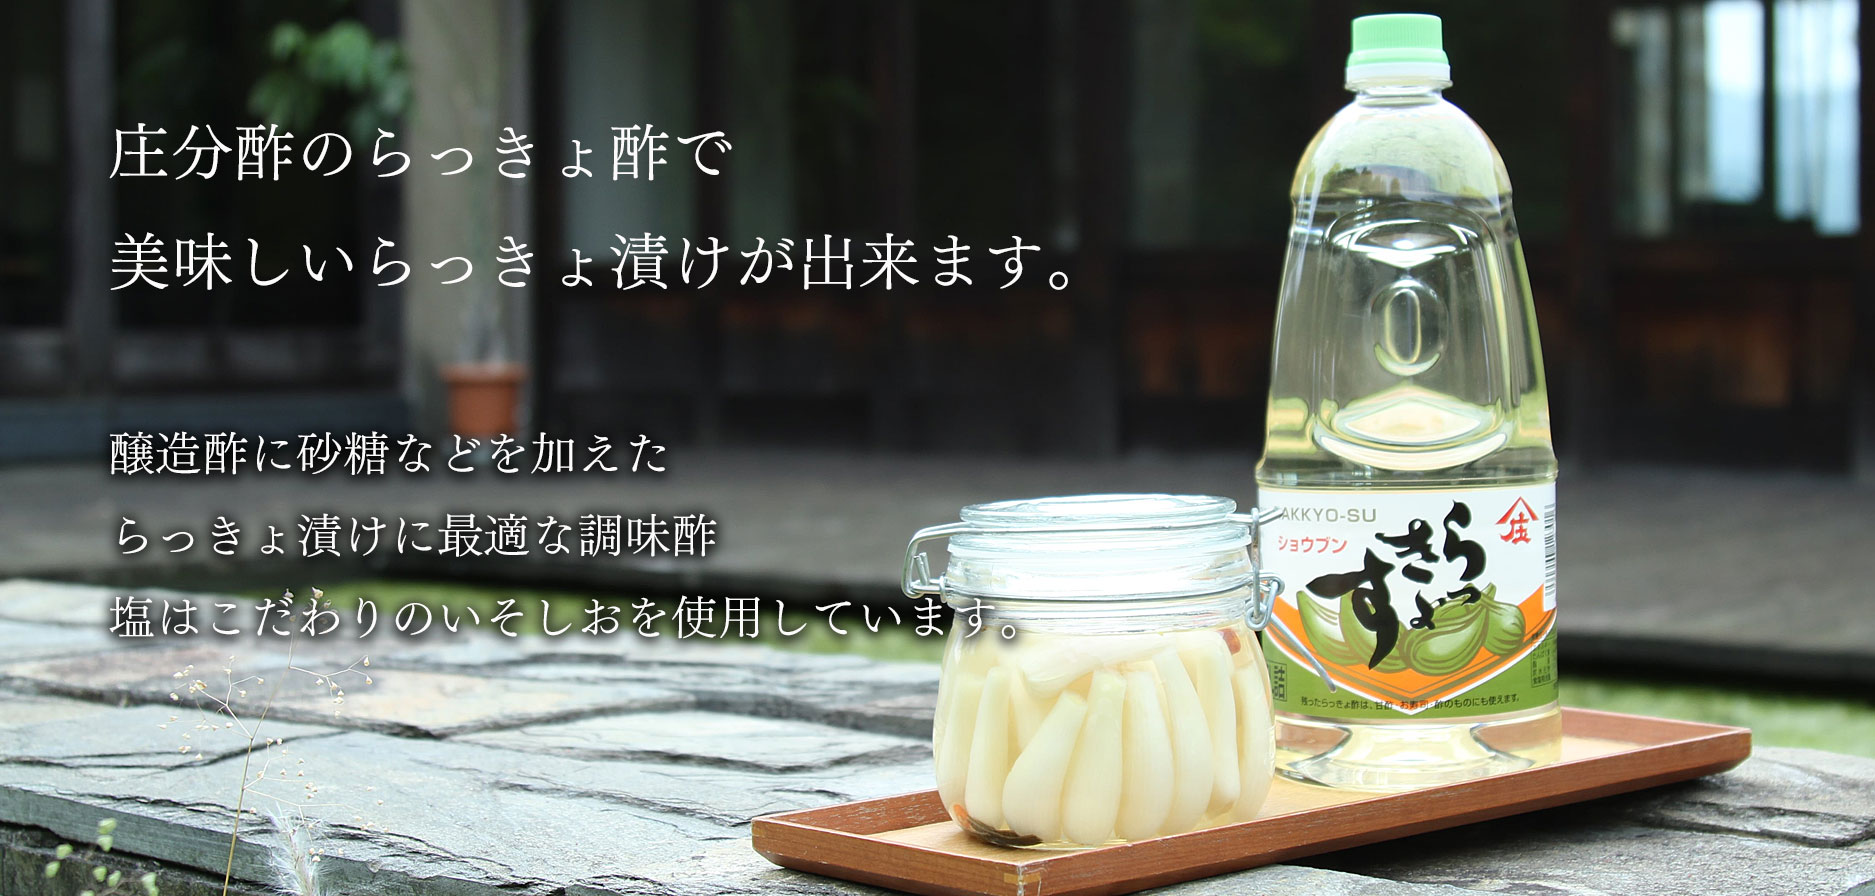 らっきょう漬けの季節 手軽に美味しいらっきょう漬けをつくるらっきょ酢